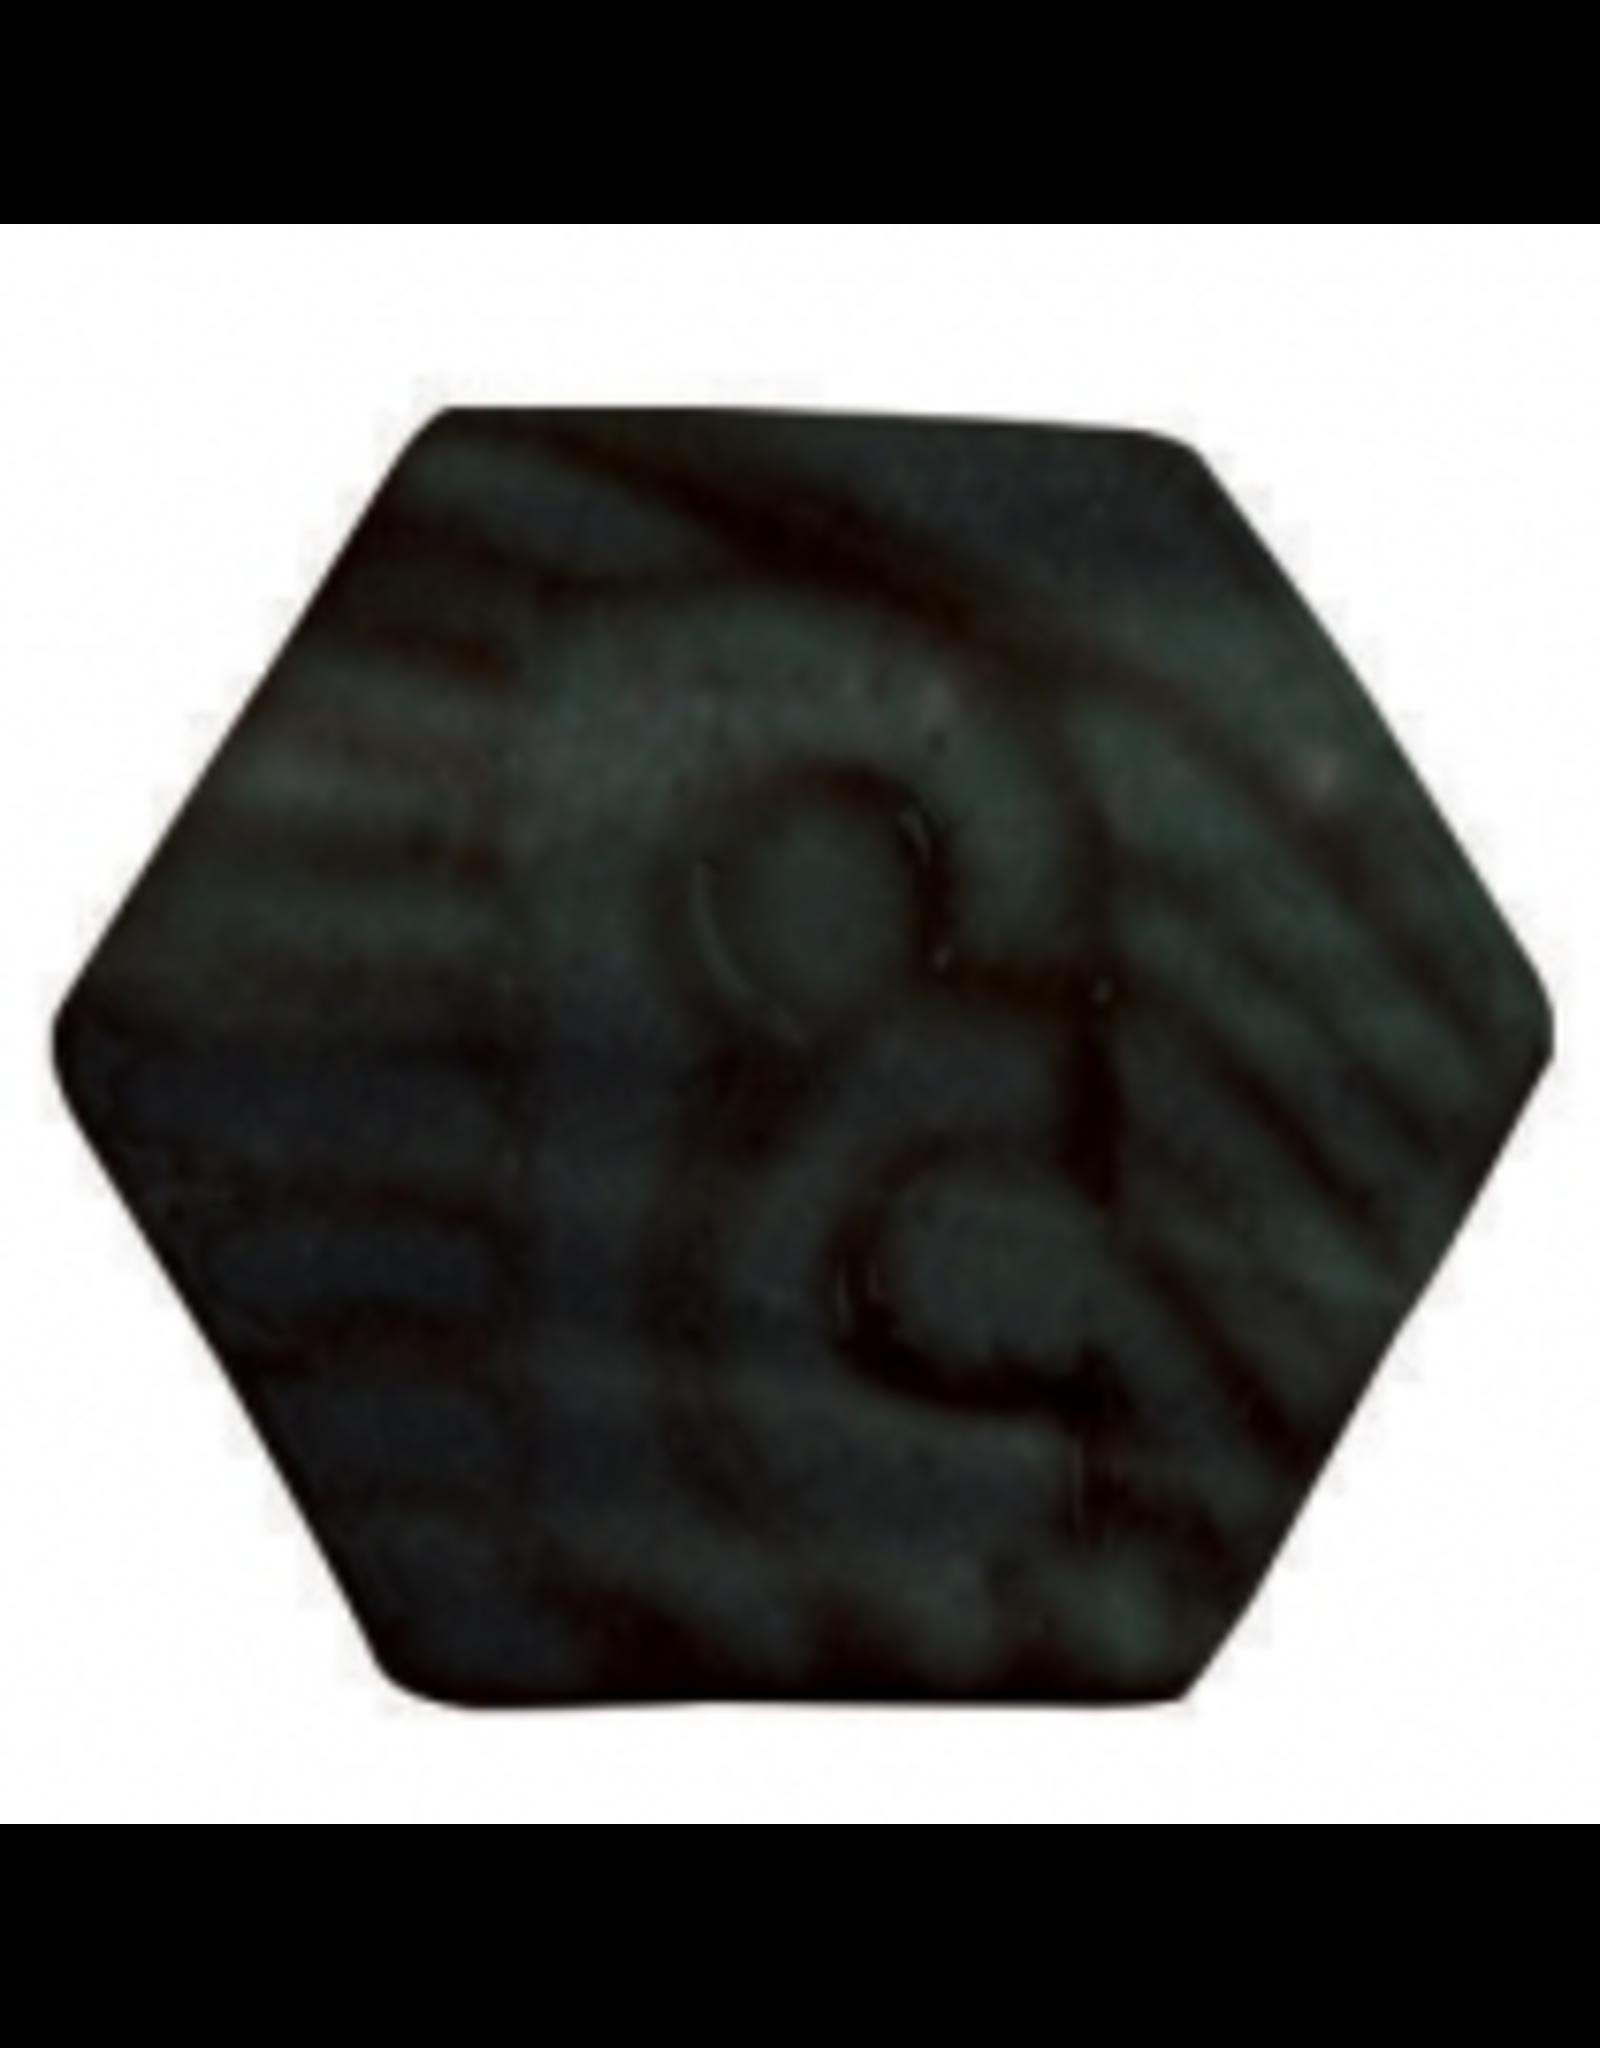 Potterycrafts Black On-glaze